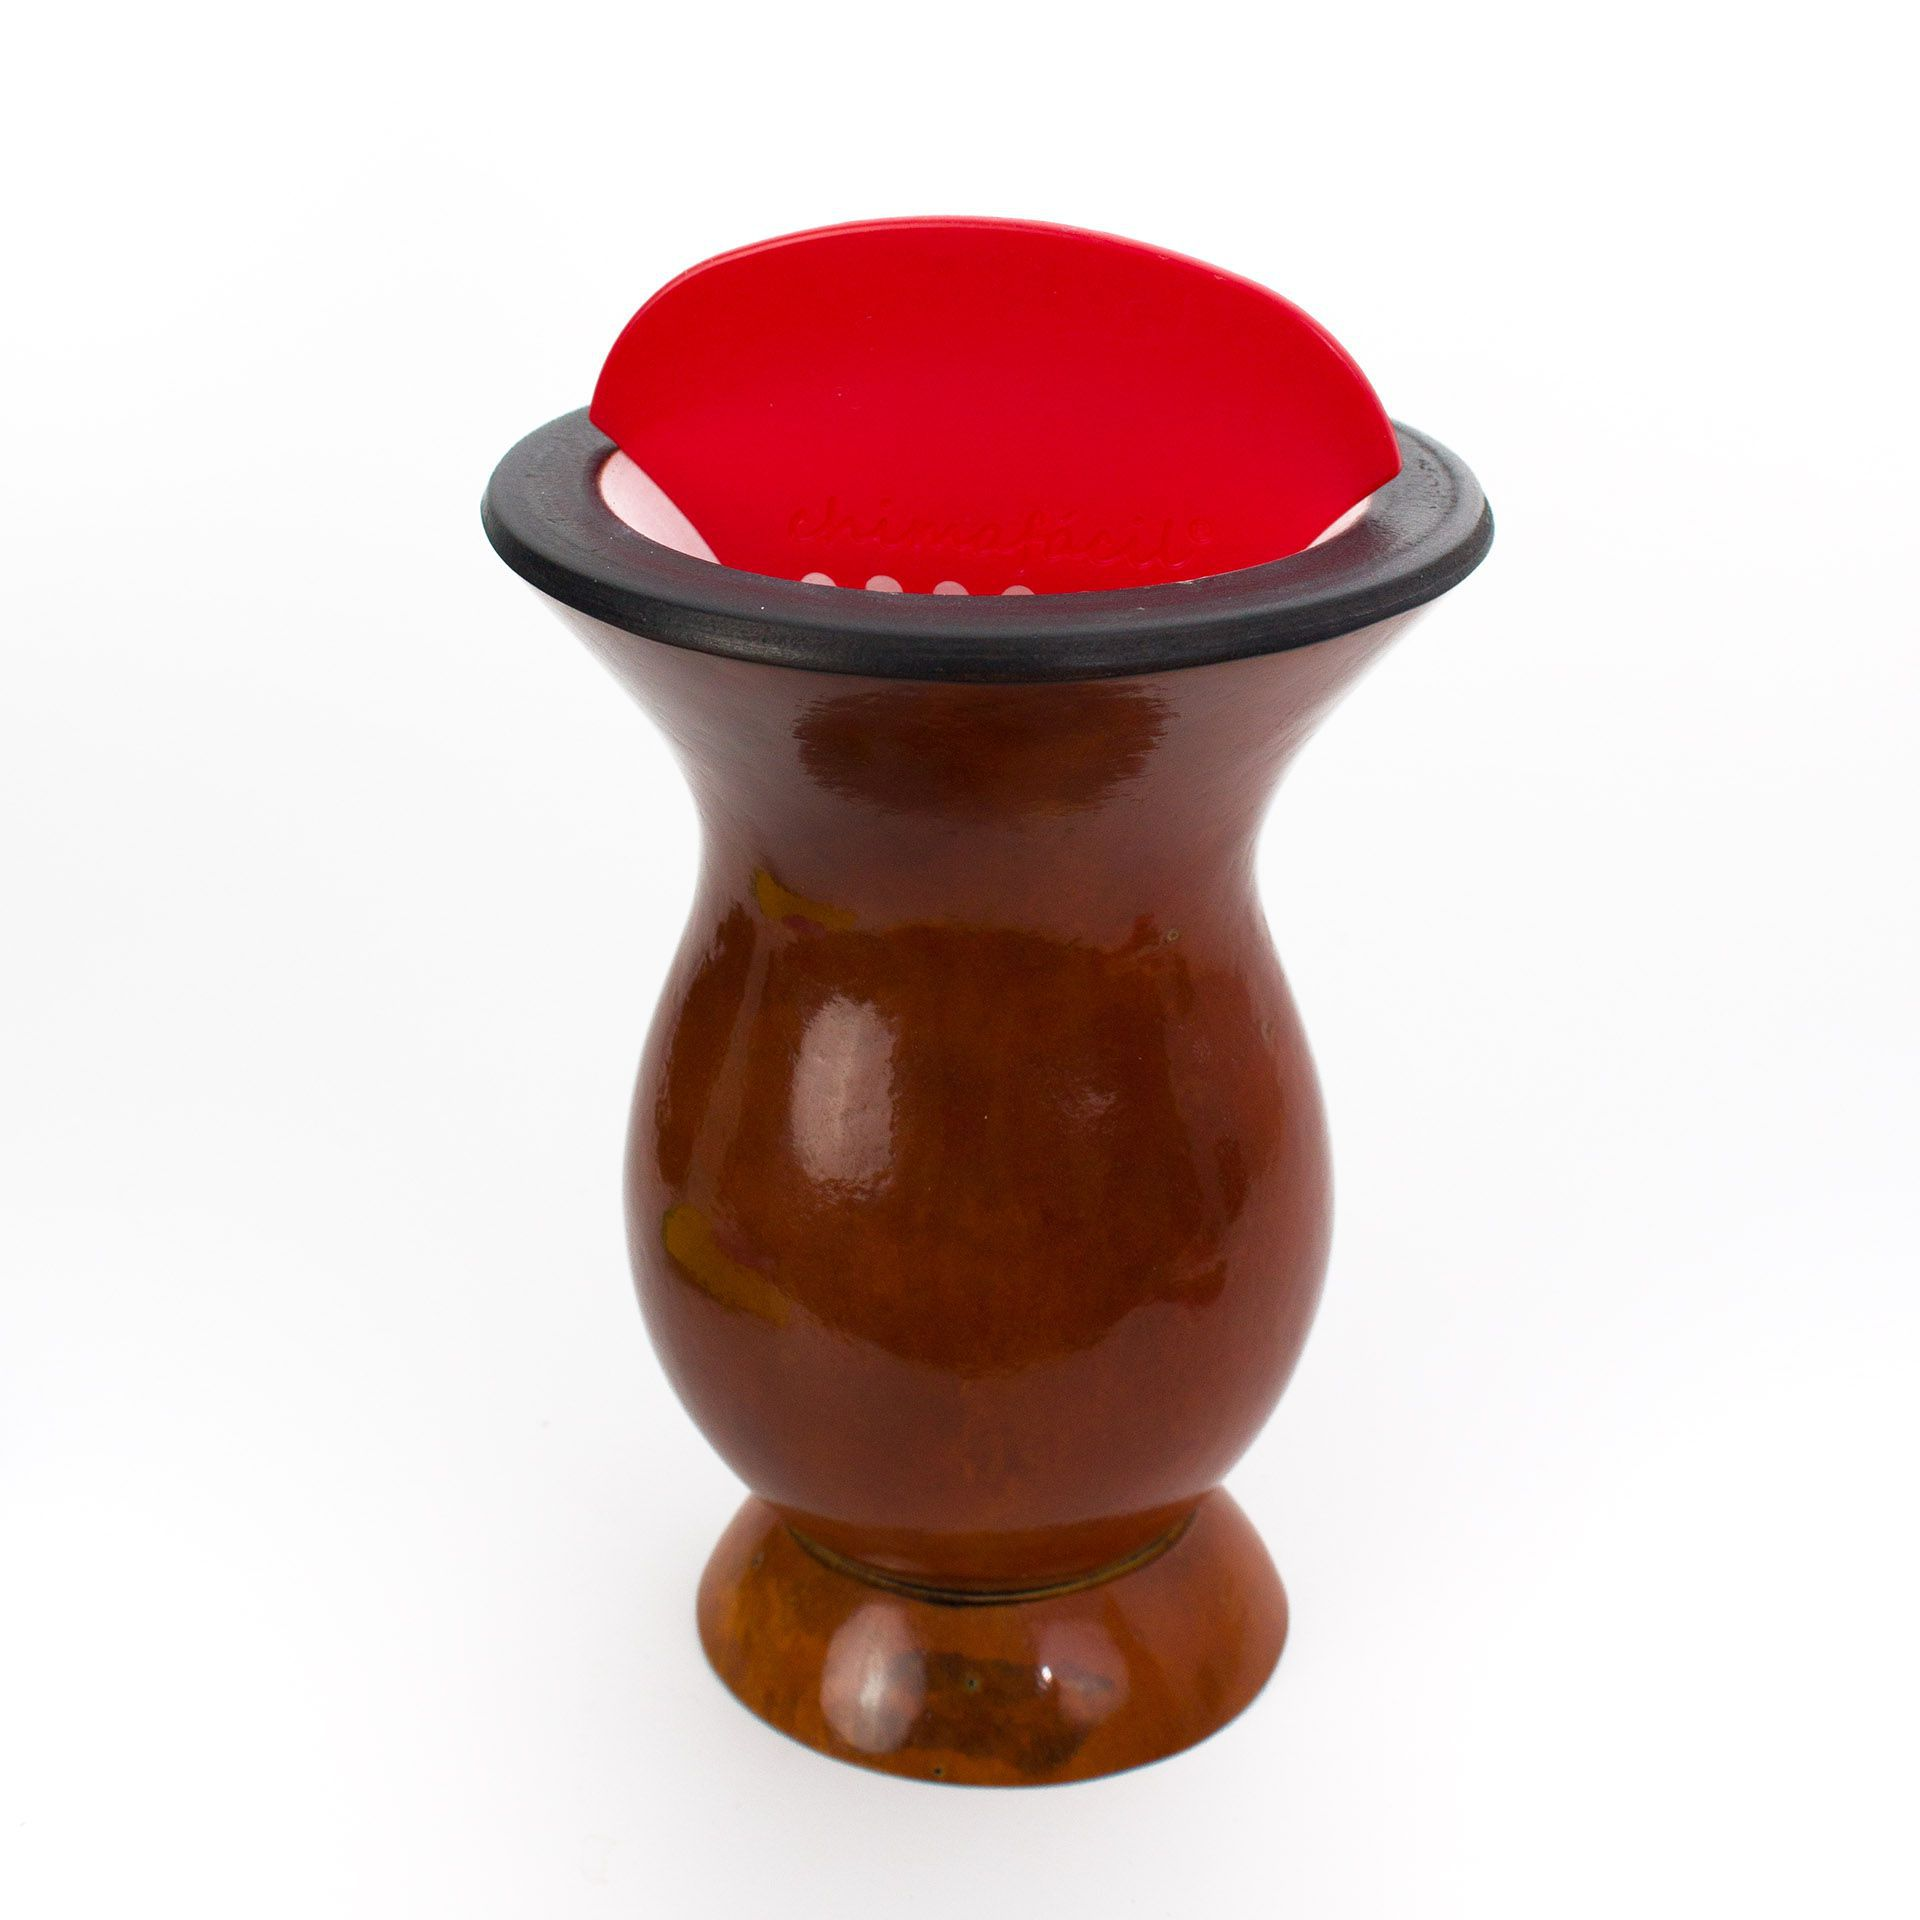 Kit Cevador de Chimarrão Chimafácil - Vermelho